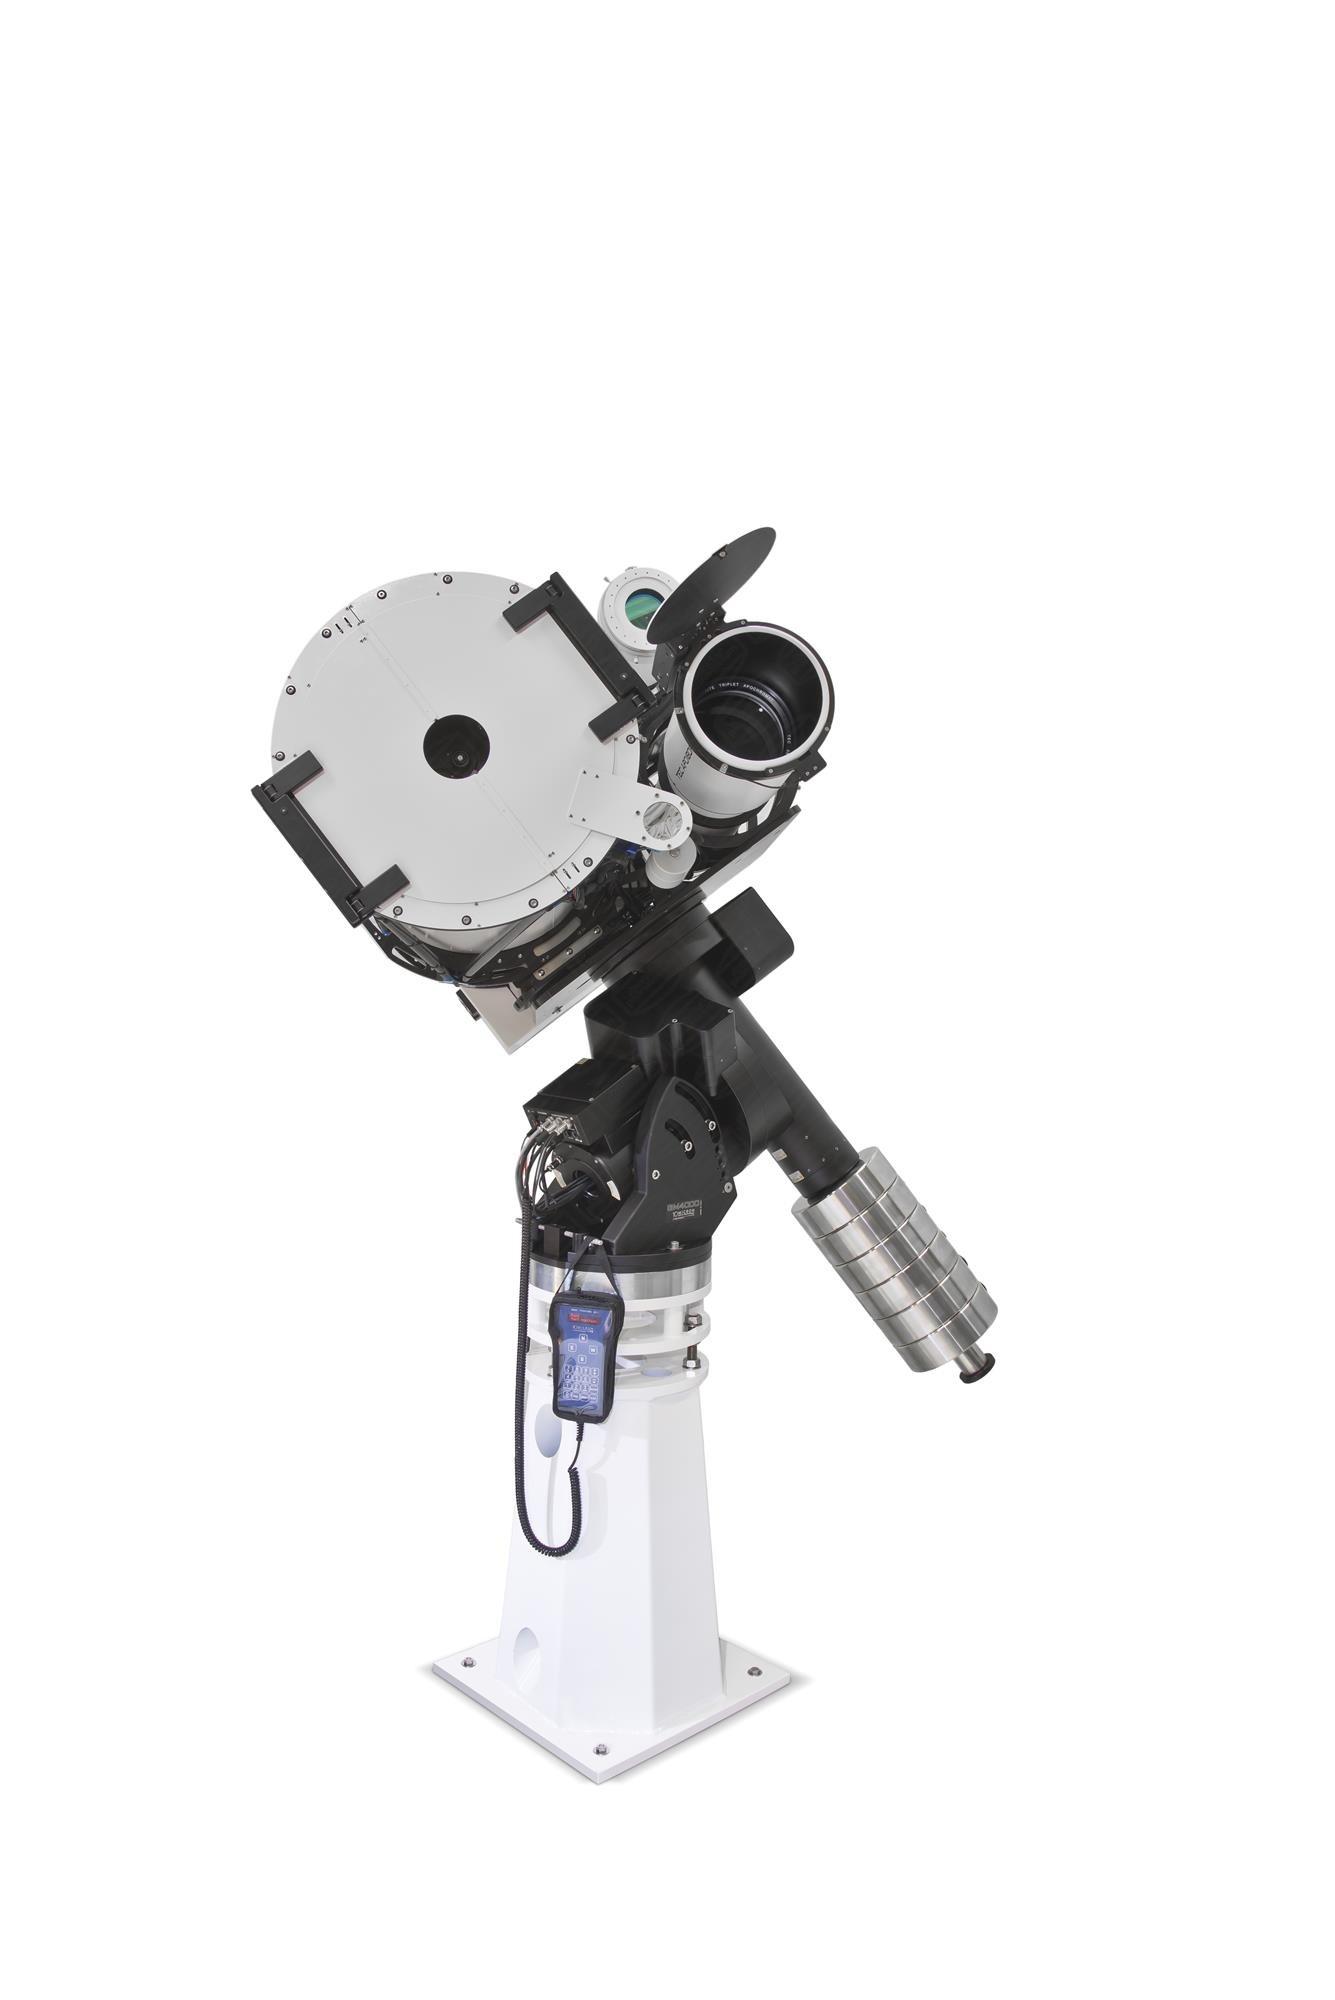 Anwendungsbild: TFS für 160-200mm Öffnung